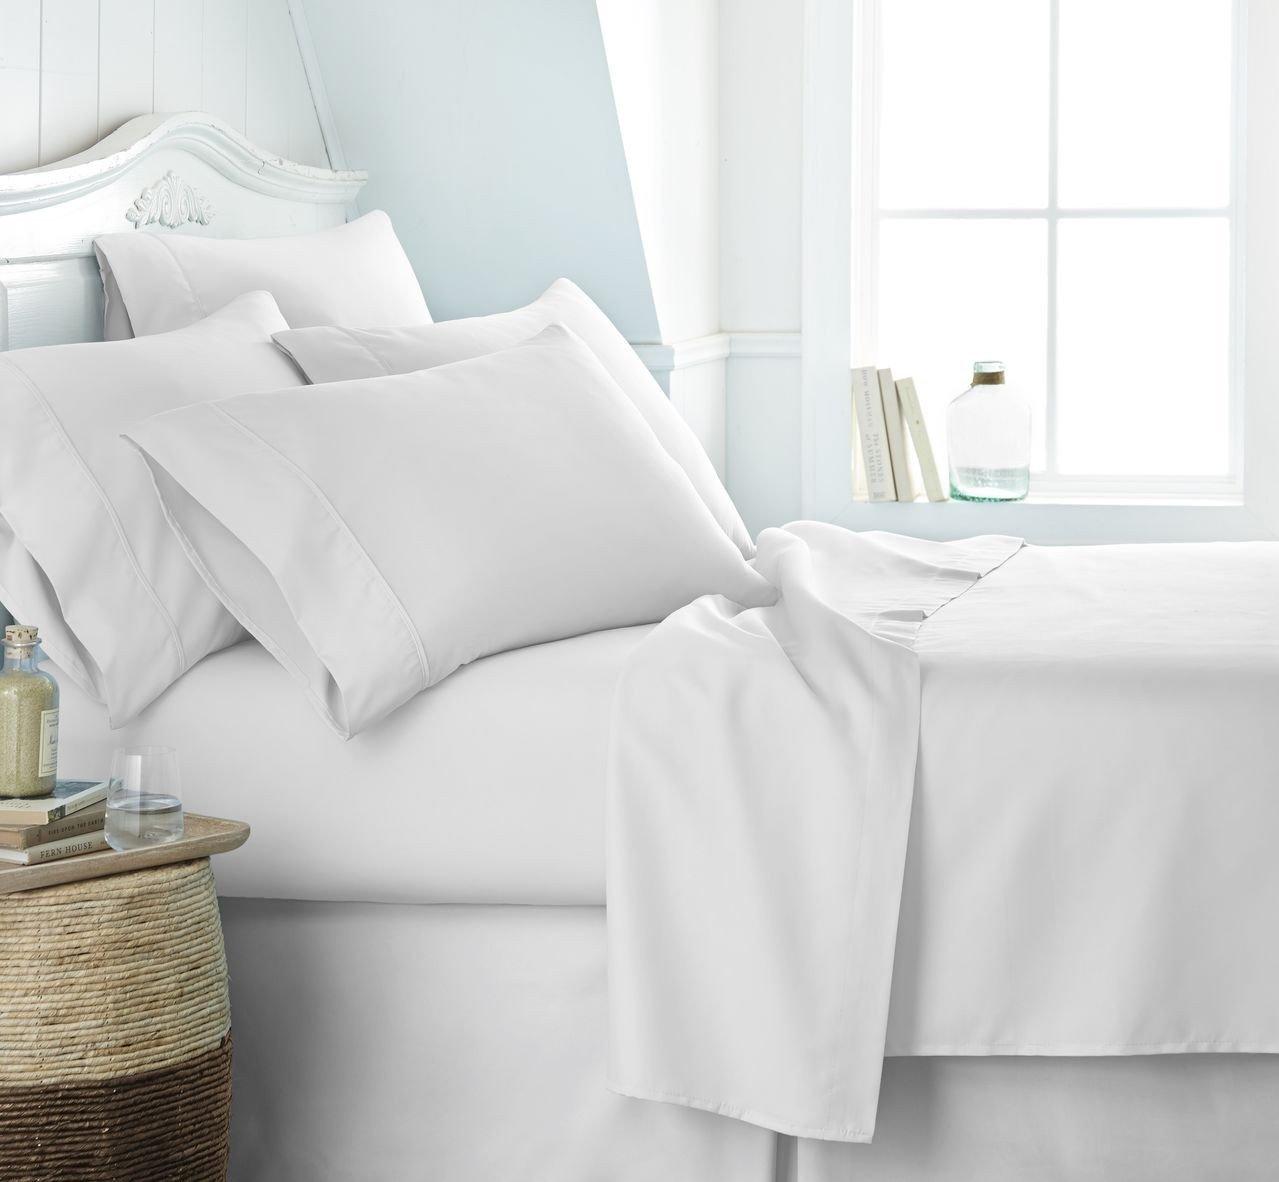 ผ้าปูที่นอนโรงแรมสีขาวเรียบรัดมุม